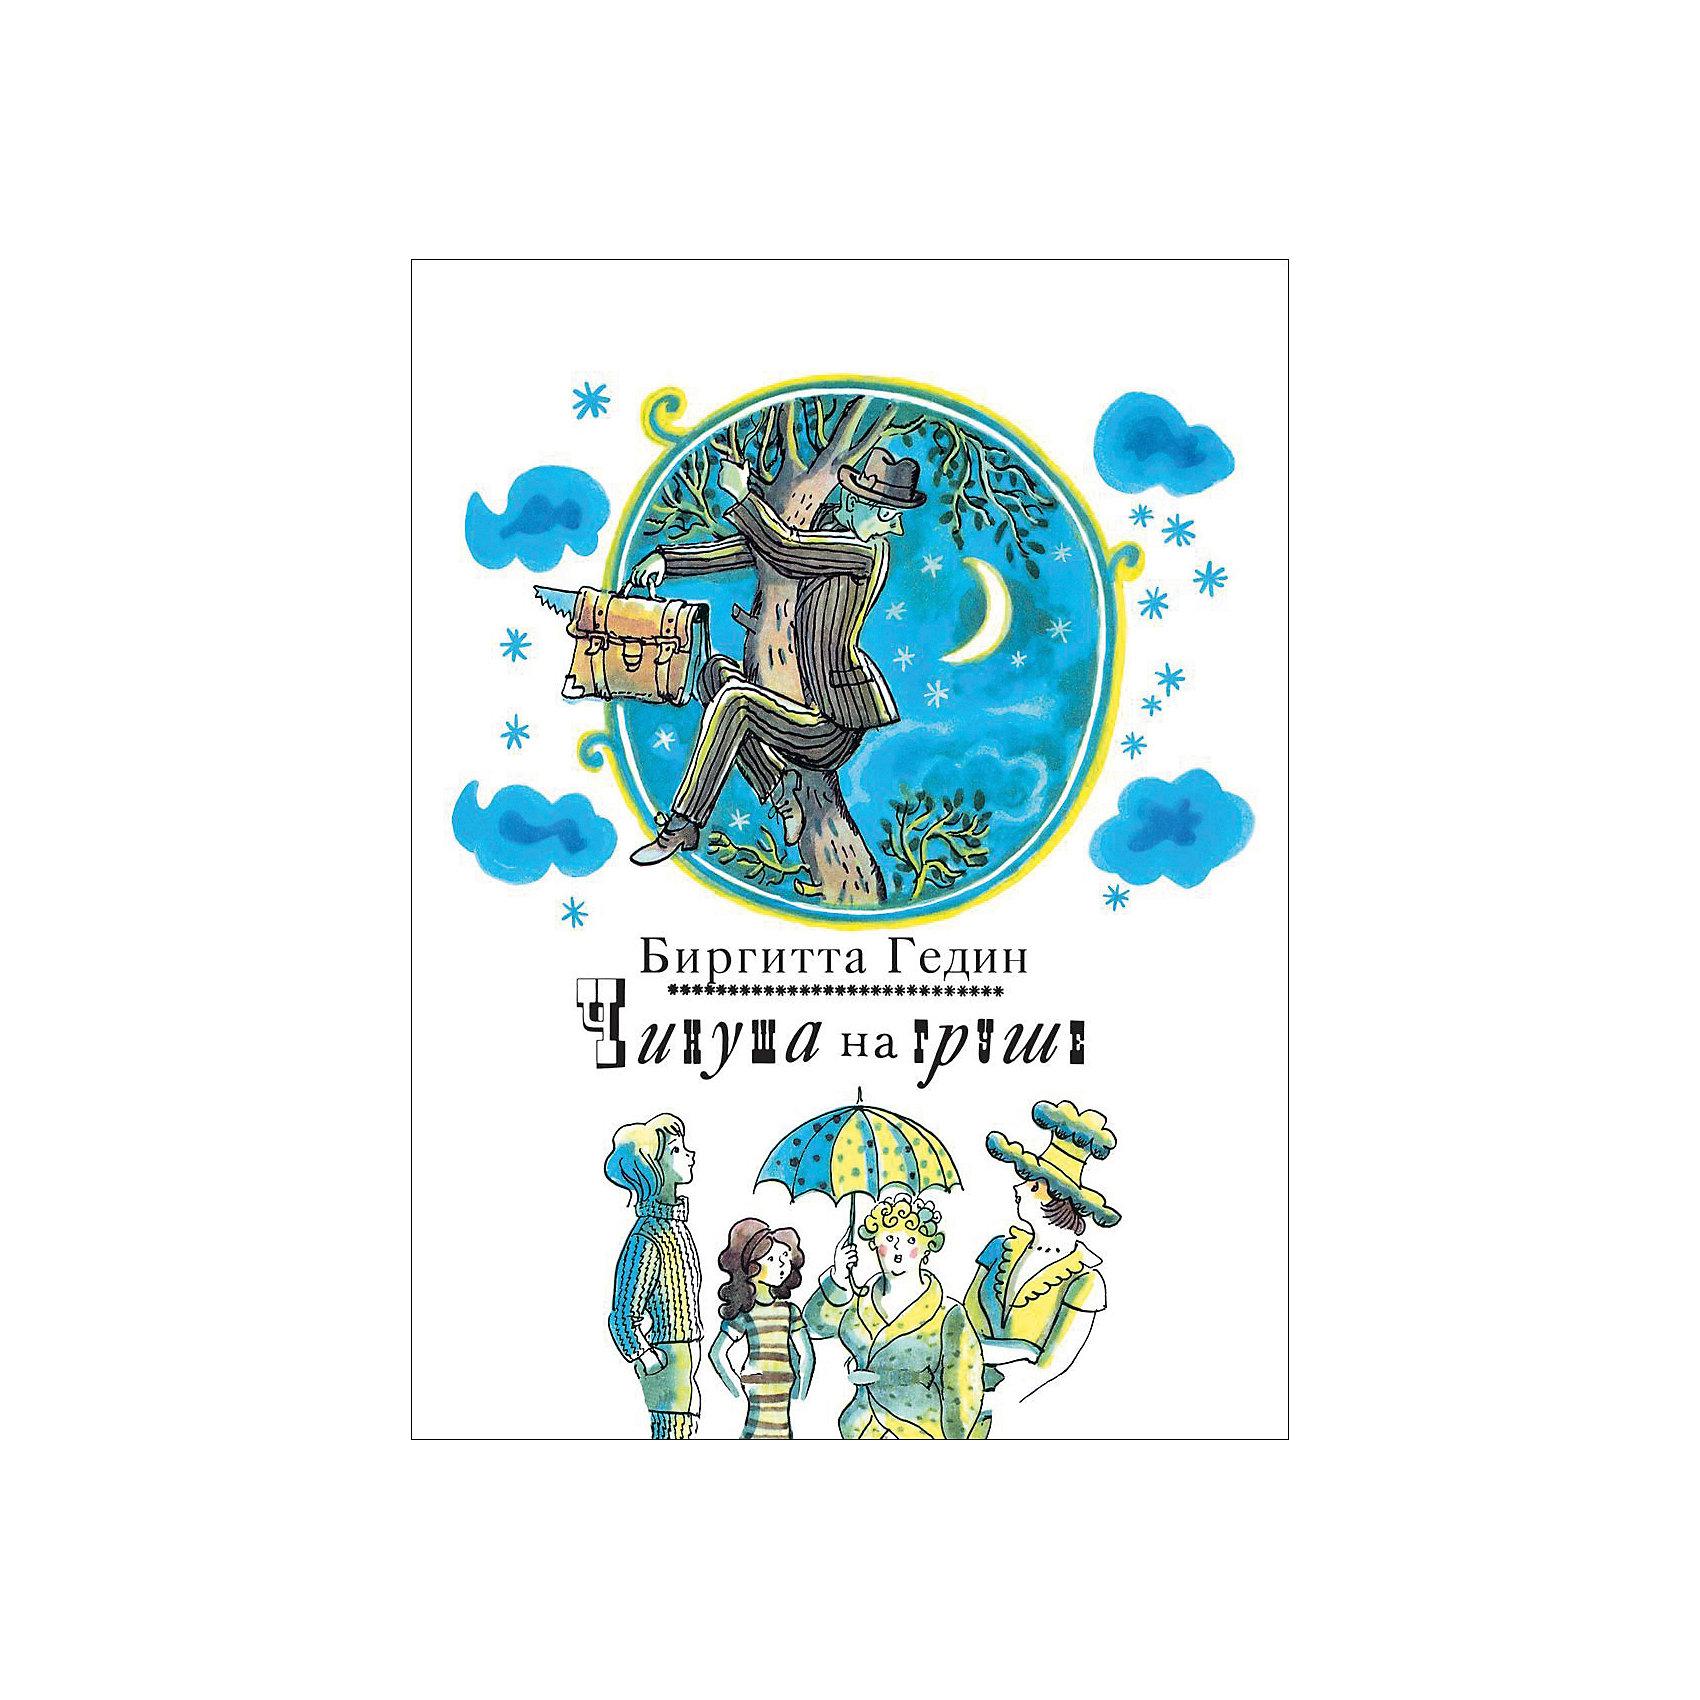 Чинуша на груше, Б. ГединСатирическая сказка шведской писательницы Биргитты Гедин рассказывает о том, как двое бесстрашных детей - мальчик Линус и девочка Мелина - боролись за жизнь старого грушевого дерева, которое хотели погубить правители города - чинуши.<br><br>Ширина мм: 265<br>Глубина мм: 205<br>Высота мм: 8<br>Вес г: 500<br>Возраст от месяцев: 60<br>Возраст до месяцев: 120<br>Пол: Унисекс<br>Возраст: Детский<br>SKU: 4782436